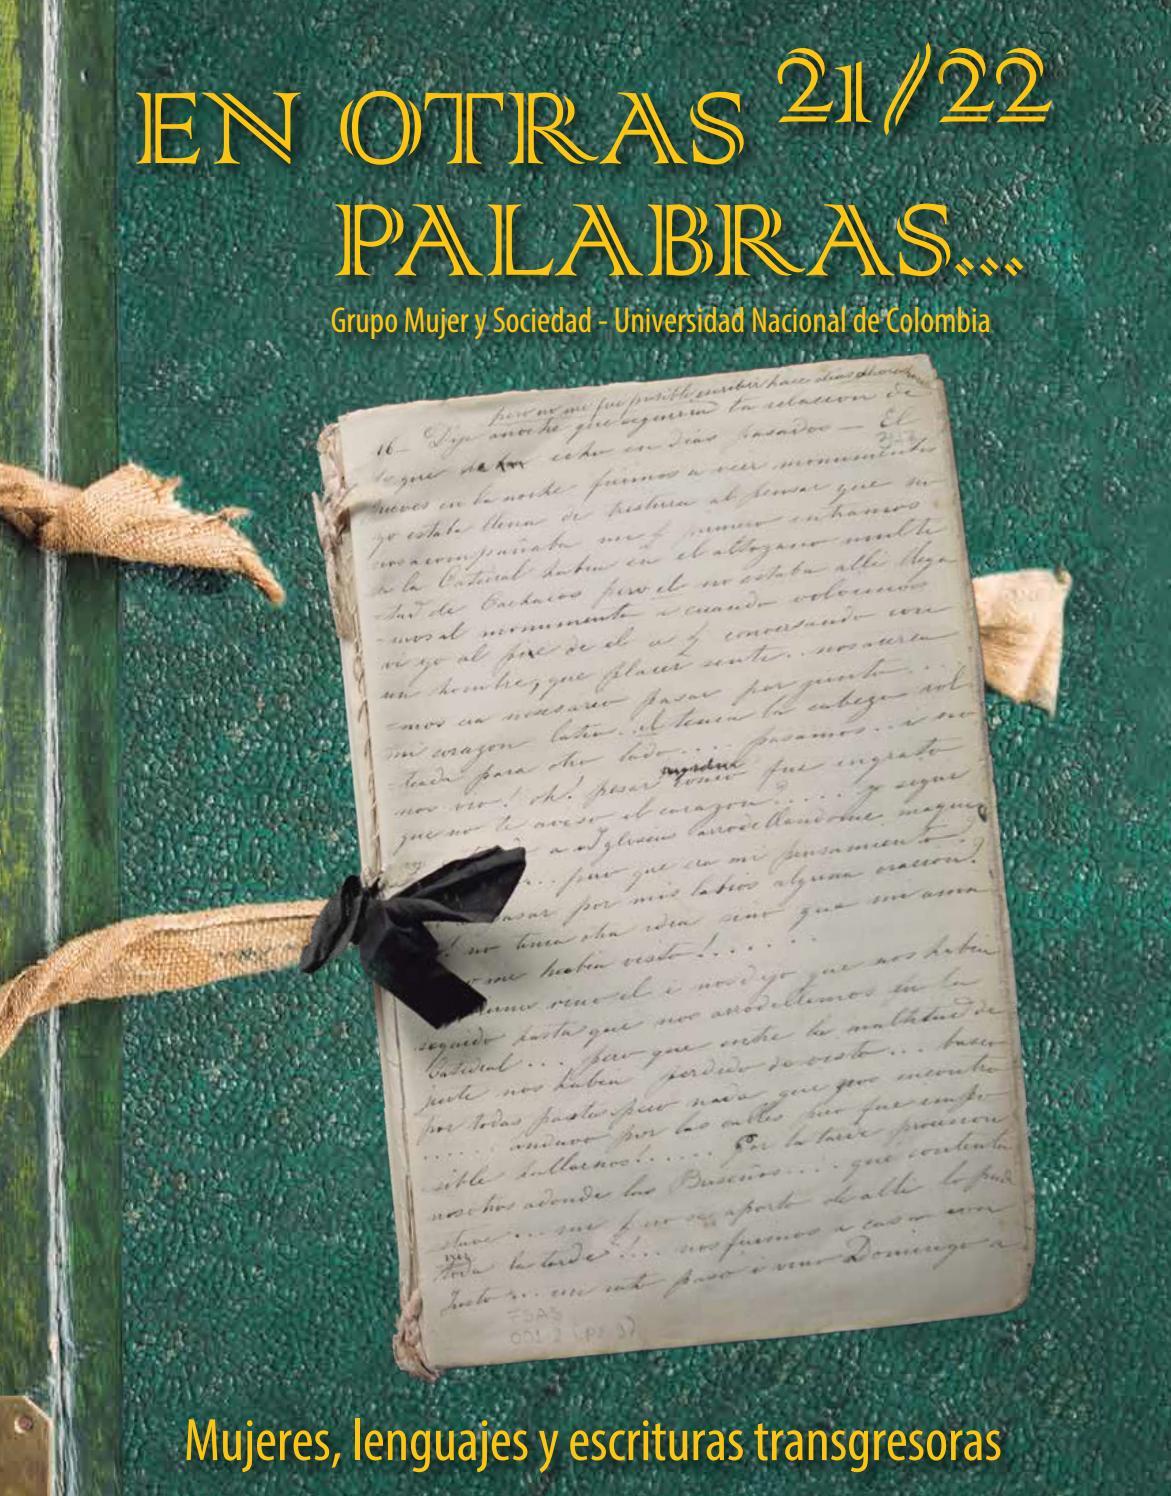 Revista En otras palabras No. 21/22 Mujeres, lenguajes y escrituras  transgresoras by Revista en otras palabras - issuu